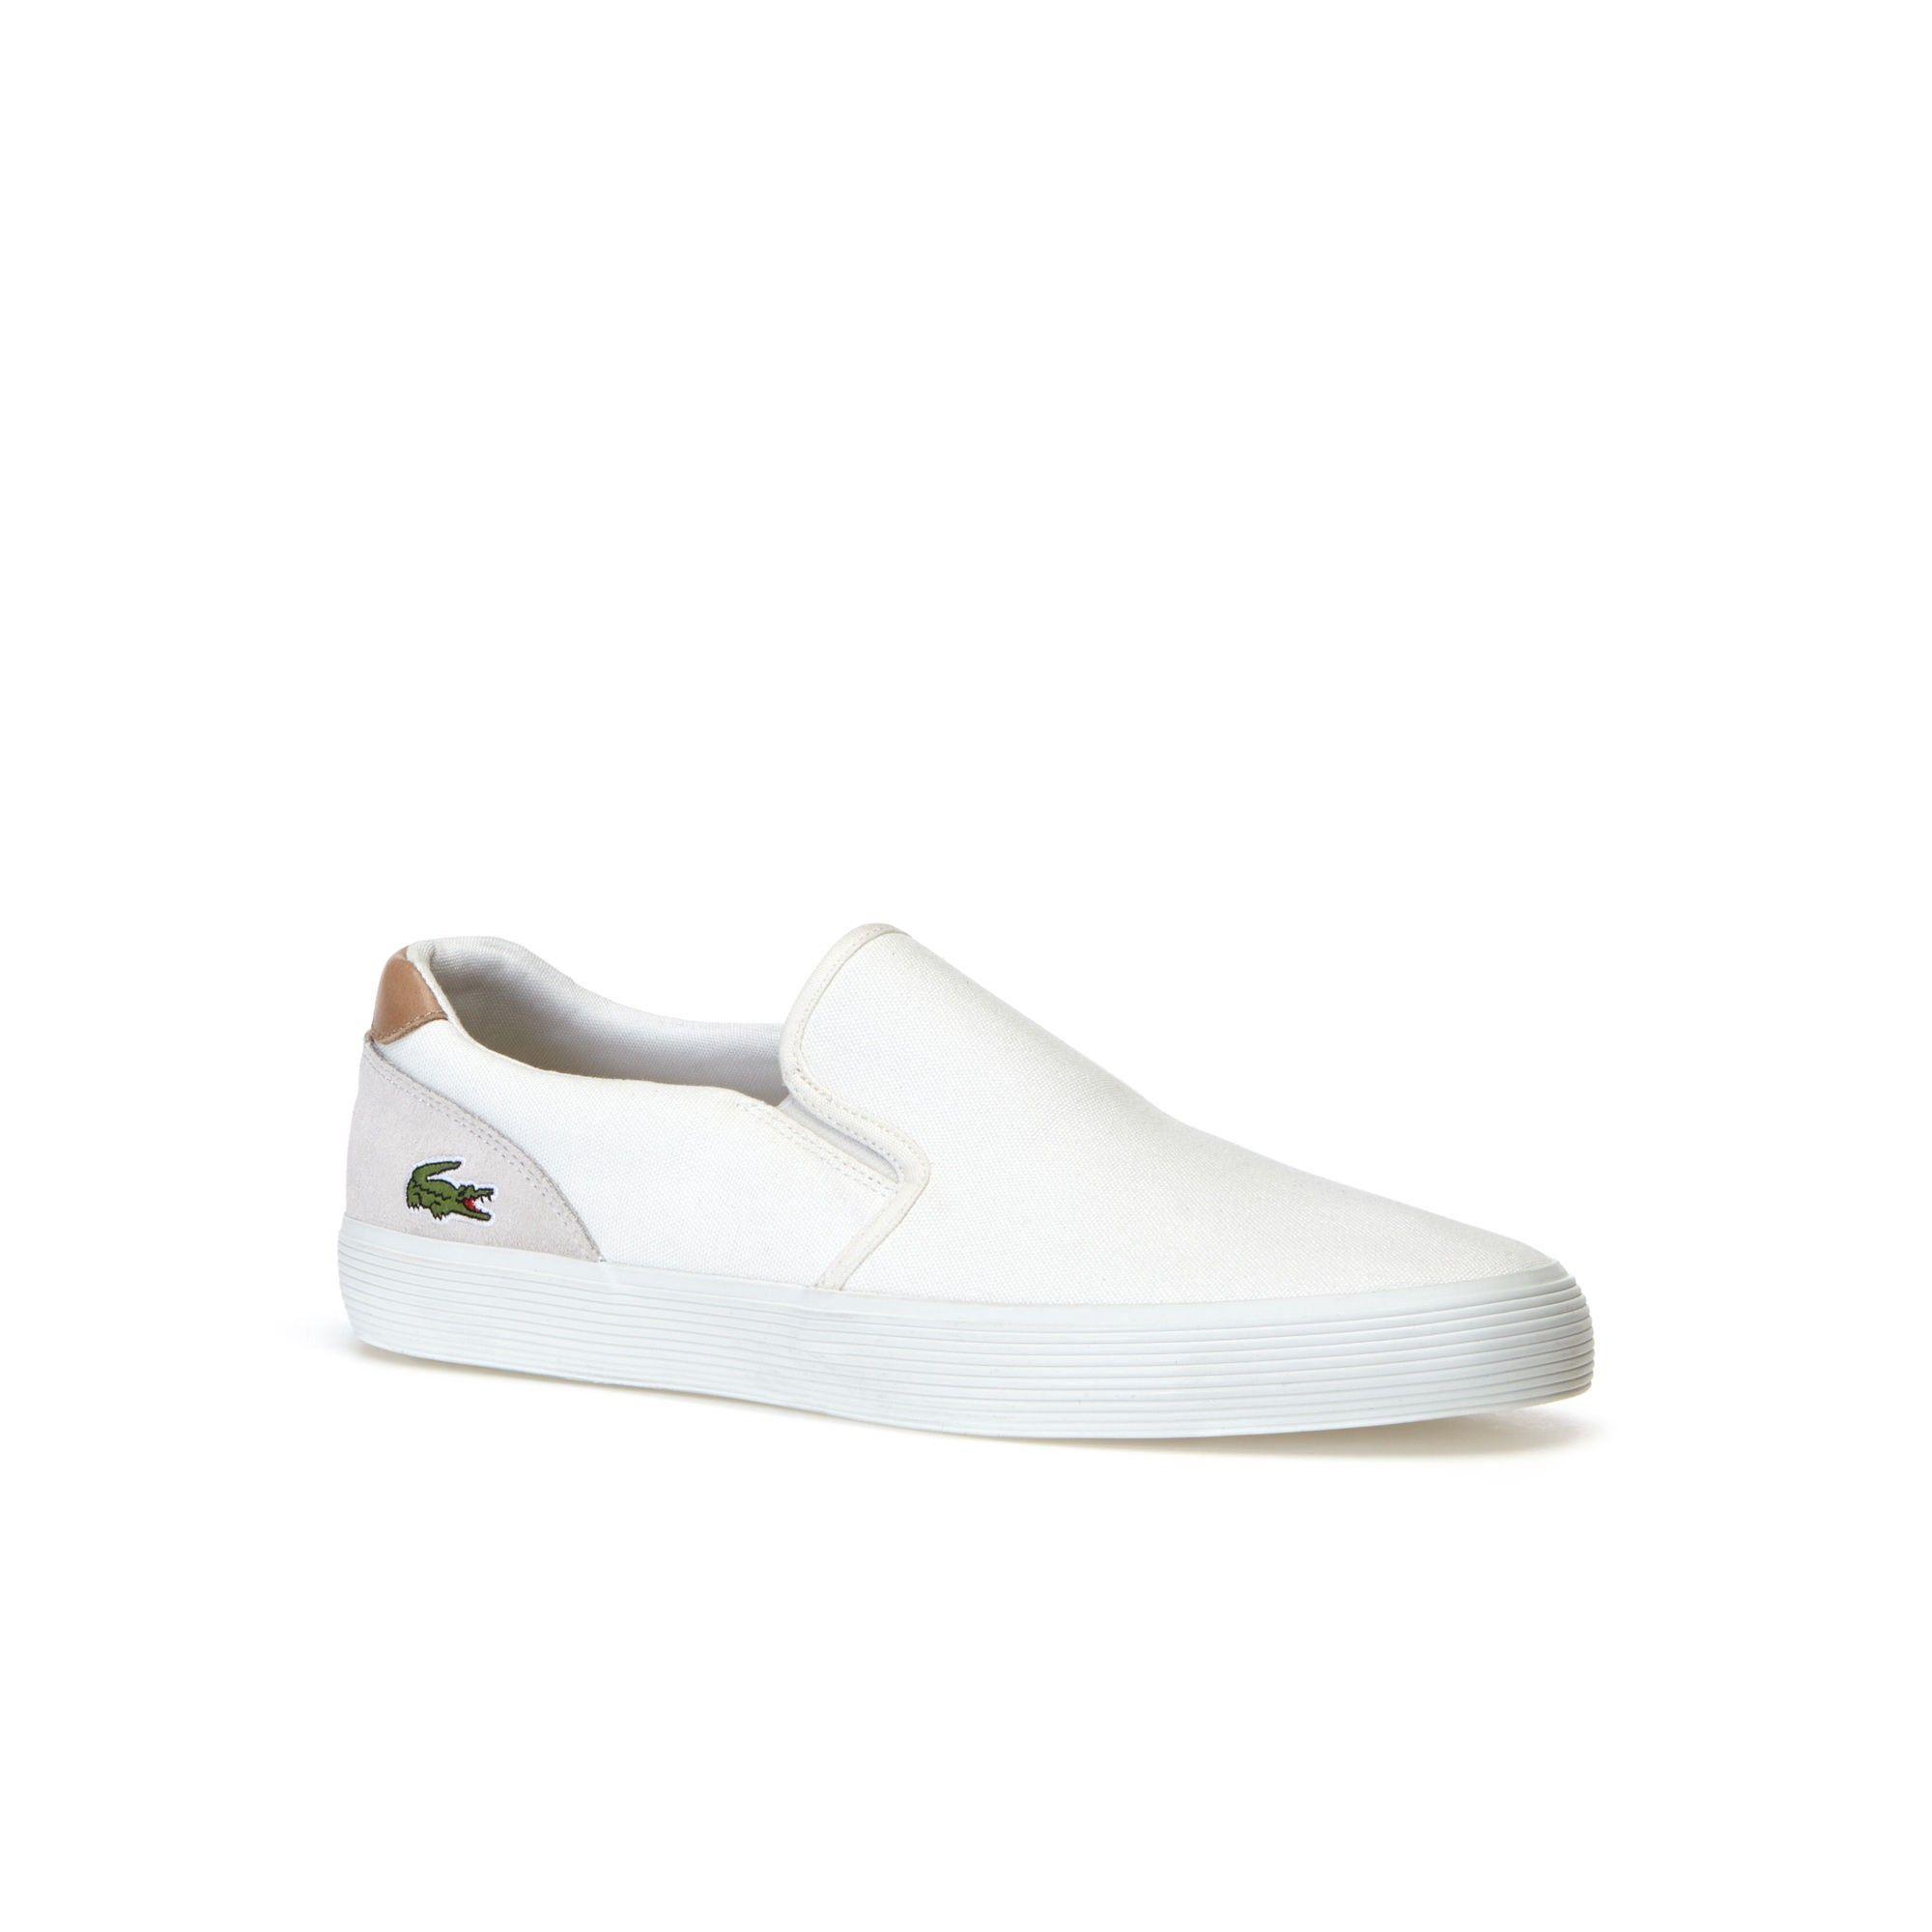 a79610f2d574da LACOSTE Men s Jouer Slip-Ons - off white.  lacoste  shoes  all ...